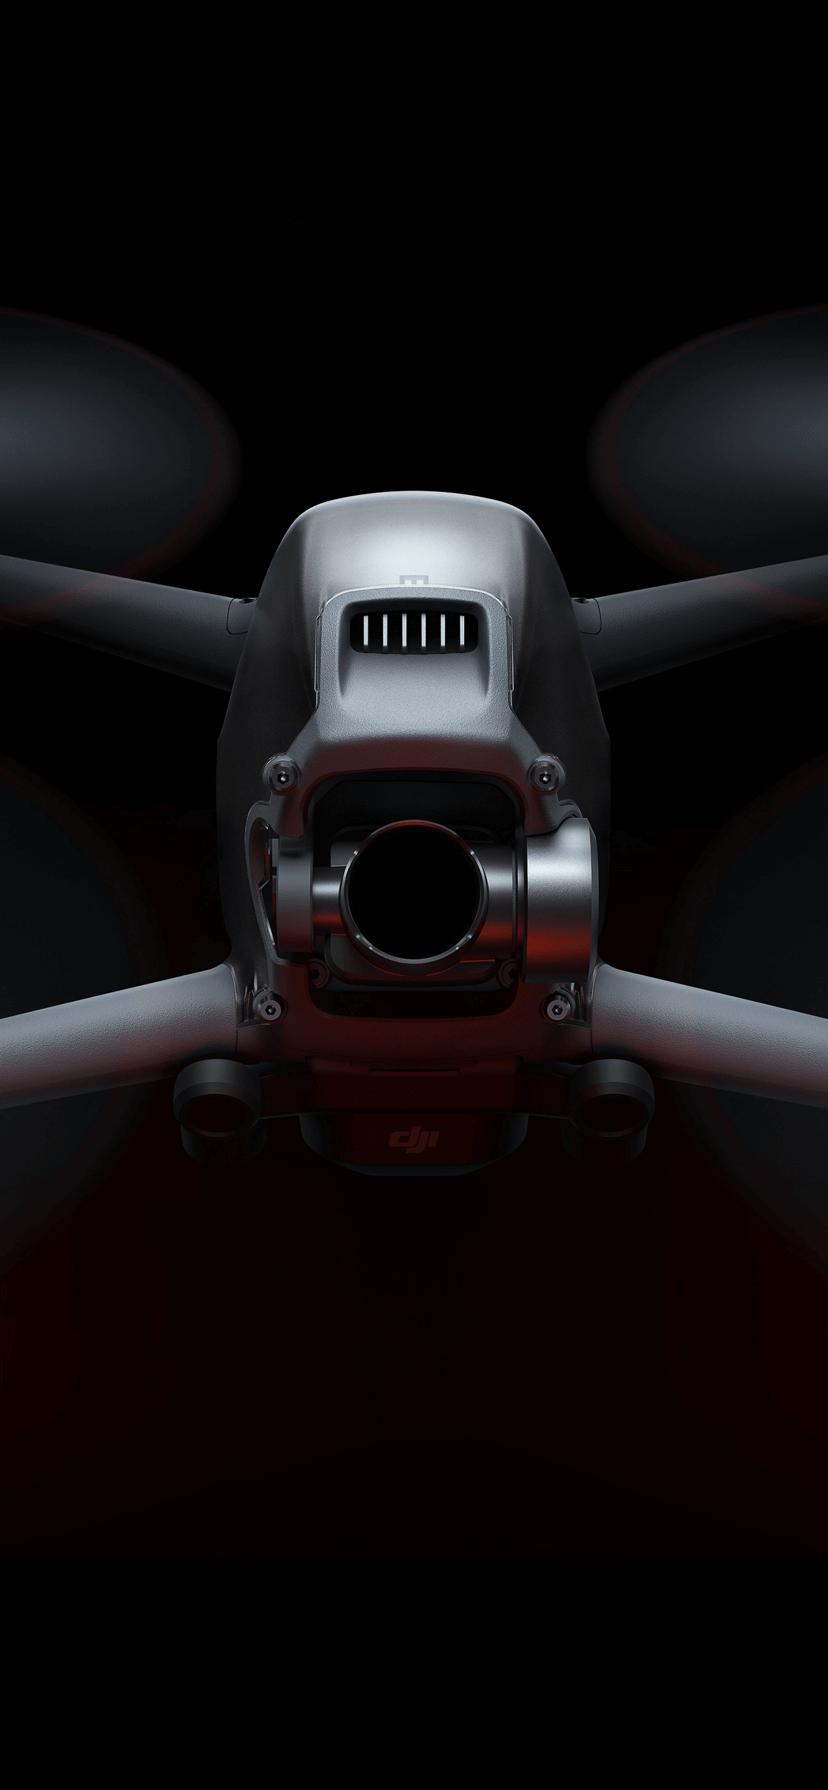 Protectores de h/élice compatibles con el dron DJI FPV DJI FPV Montaje y desmontaje r/ápido Accesorios para la Seguridad en Vuelo FPV garantizan la m/áxima protecci/ón en Vuelo